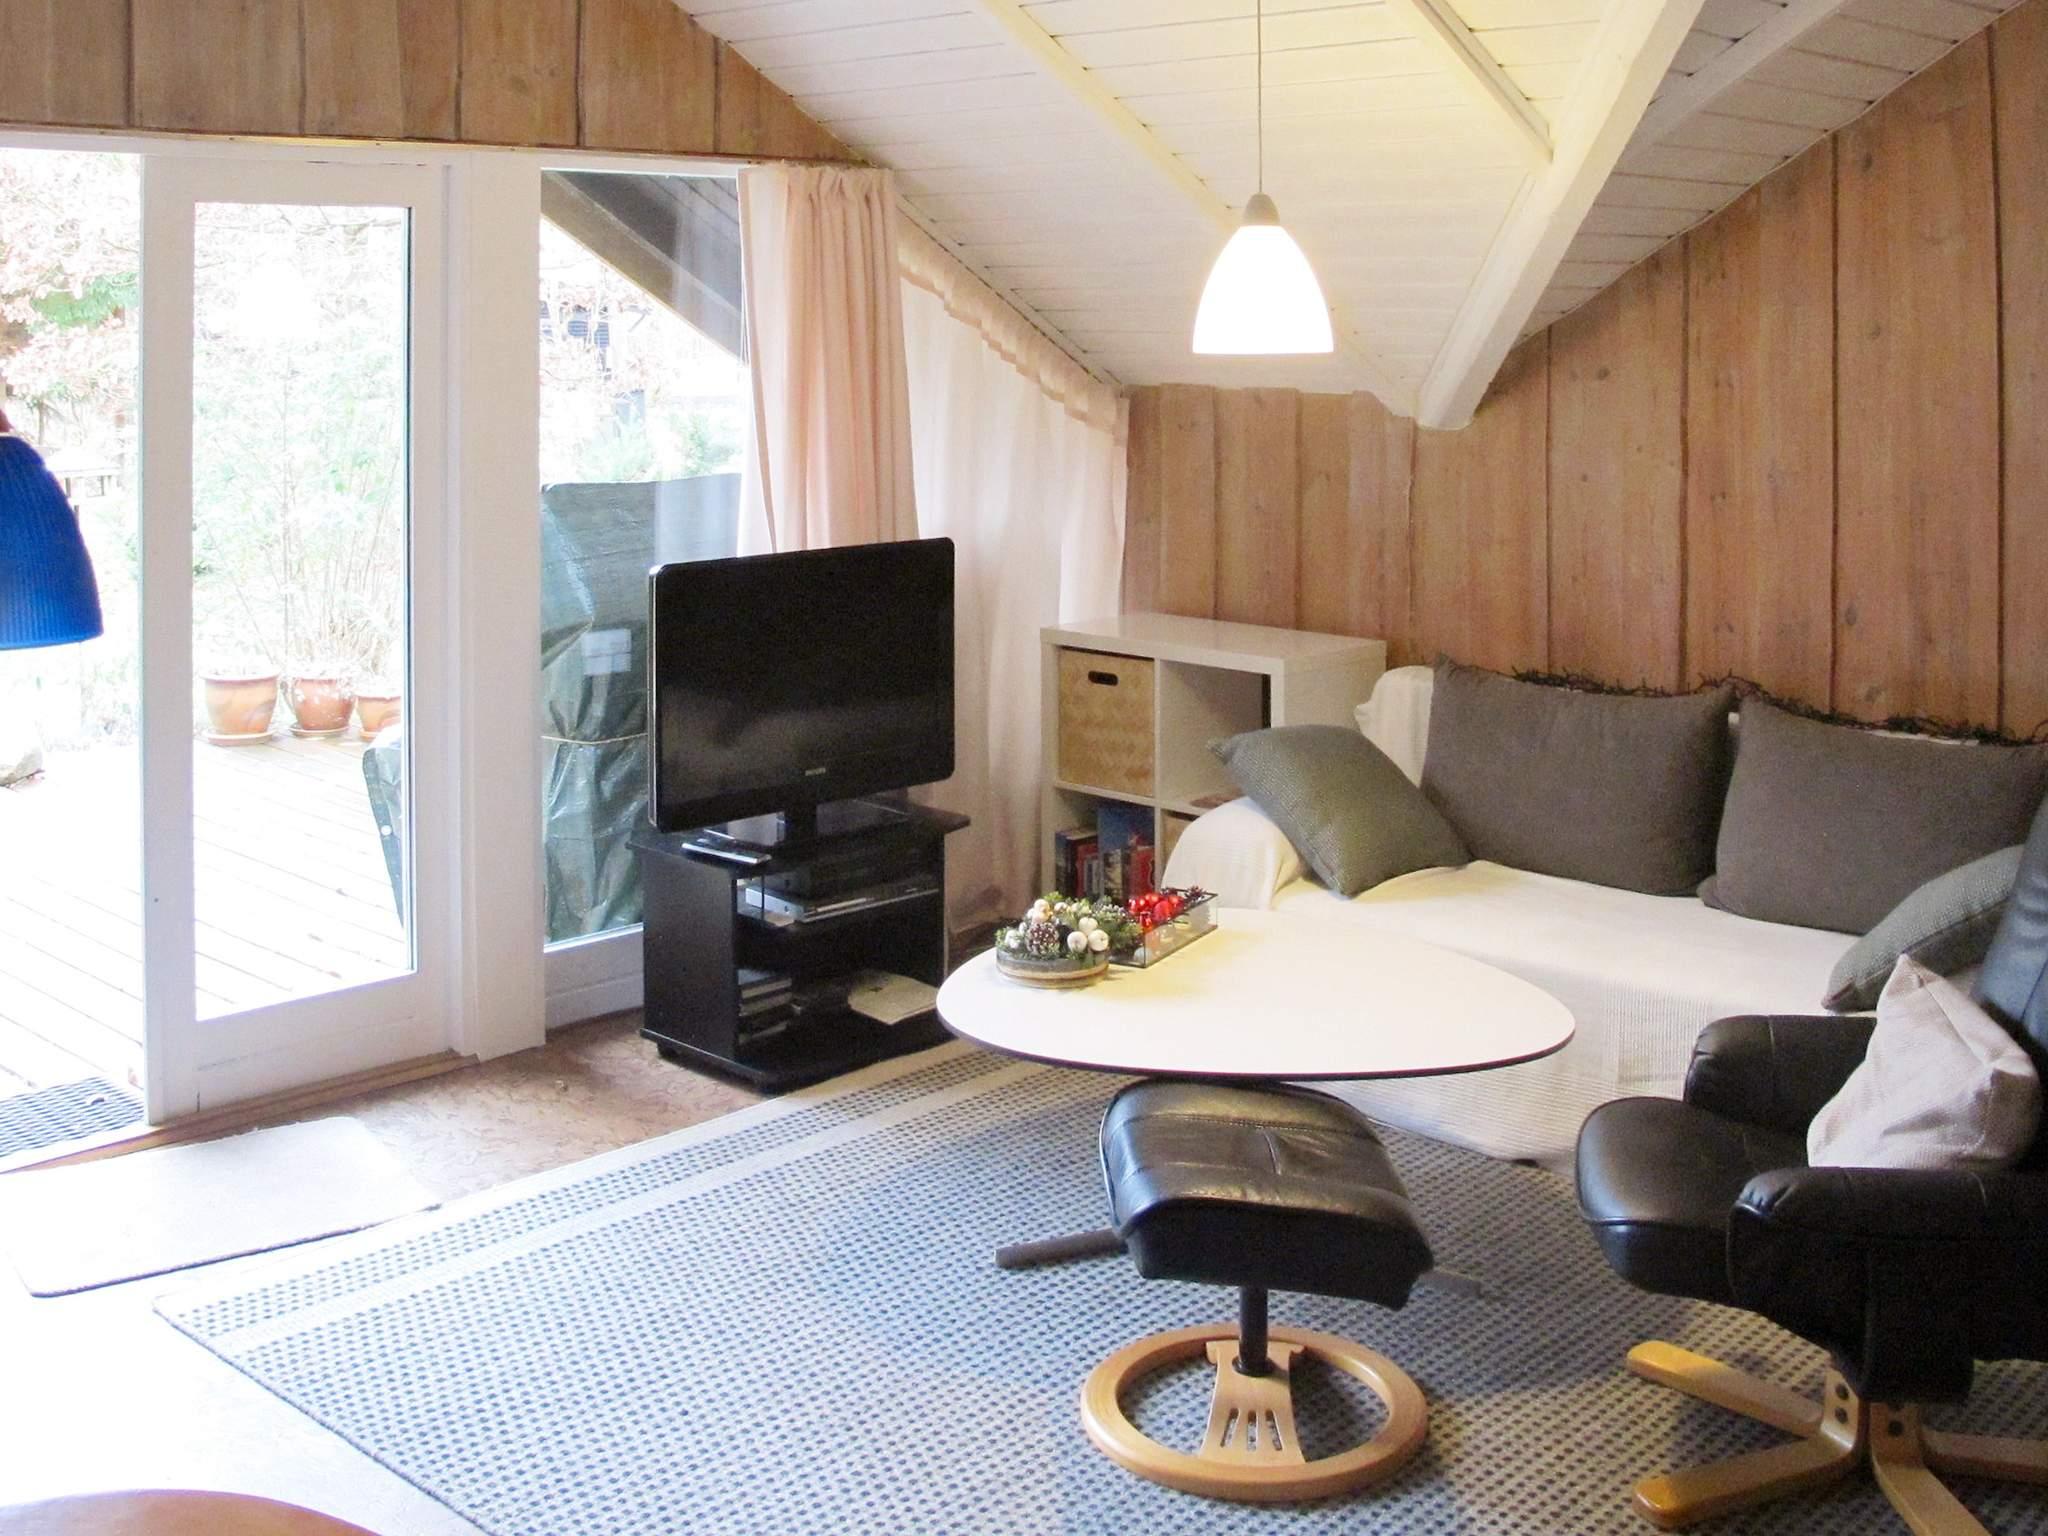 Ferienhaus Ulvshale Skov (93571), Stege, , Møn, Dänemark, Bild 6